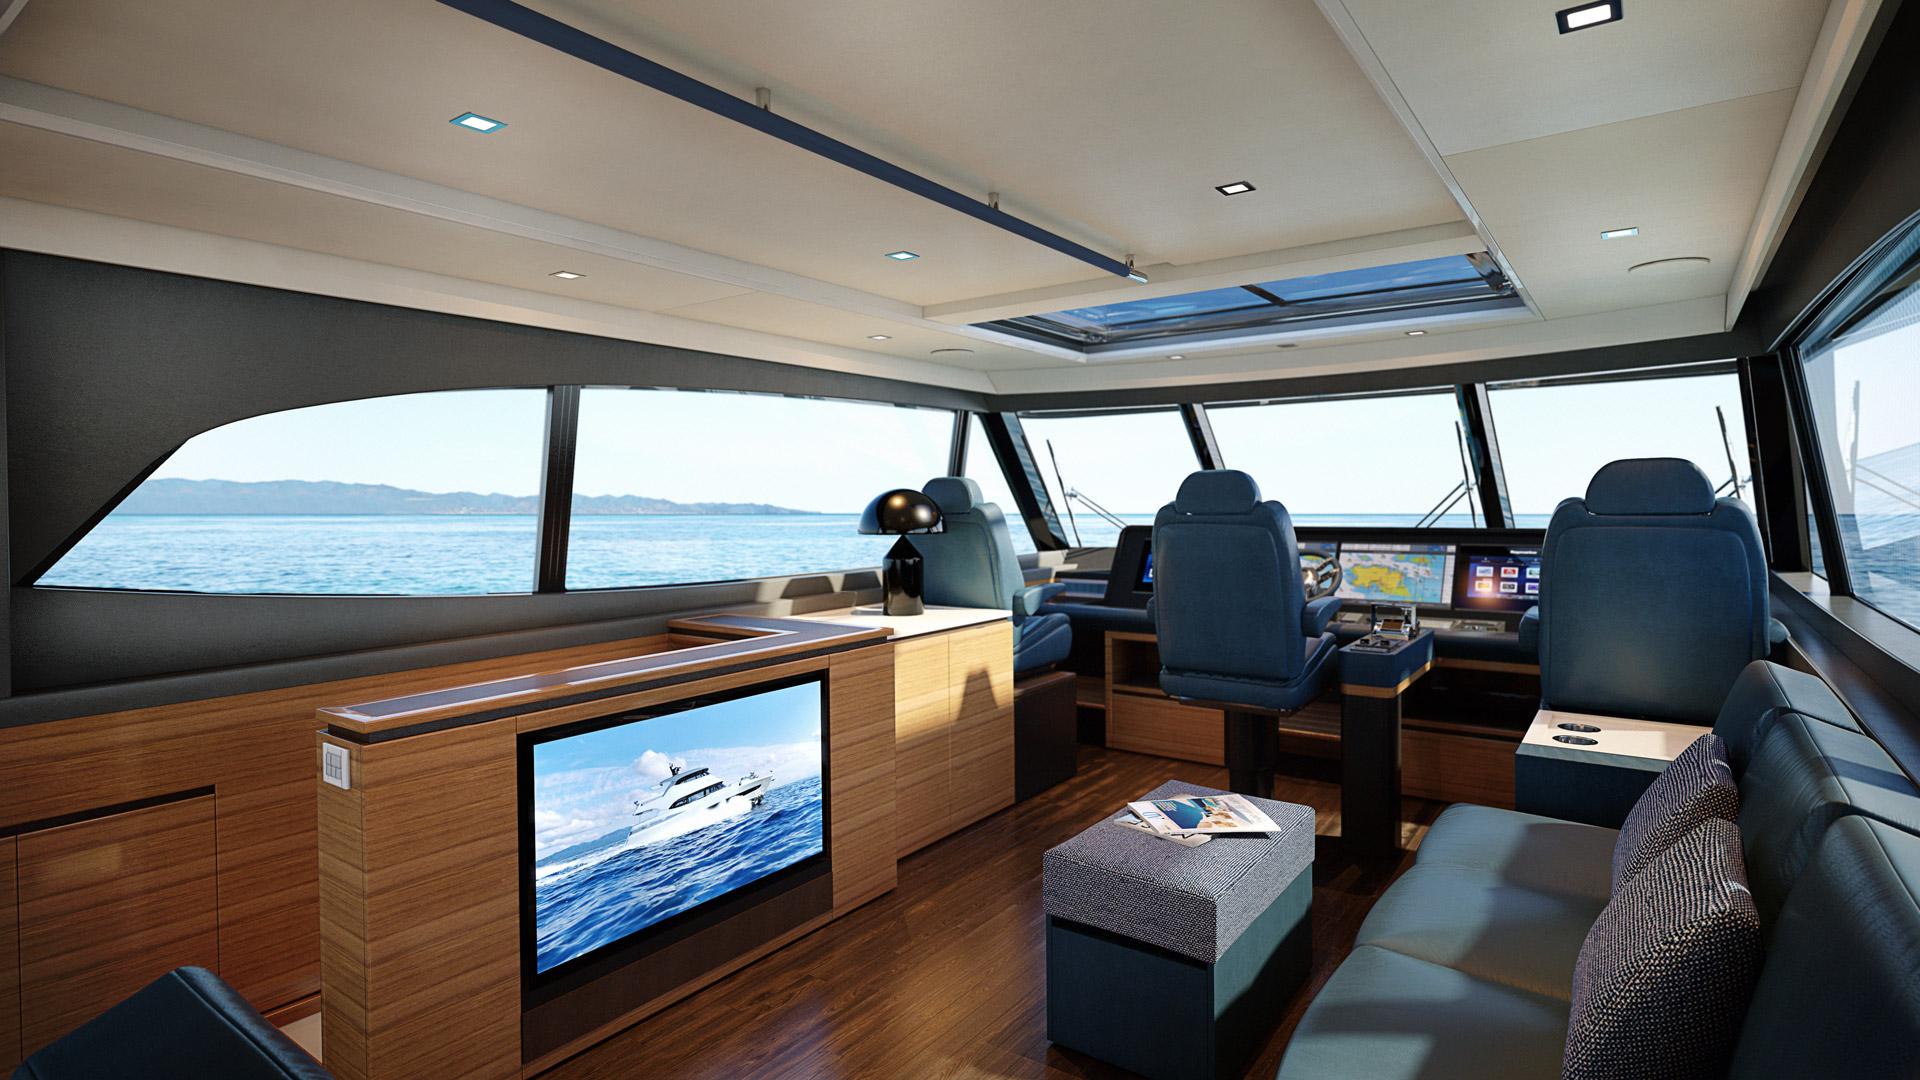 flybridge onboard the Riviera 78 Motor Yacht